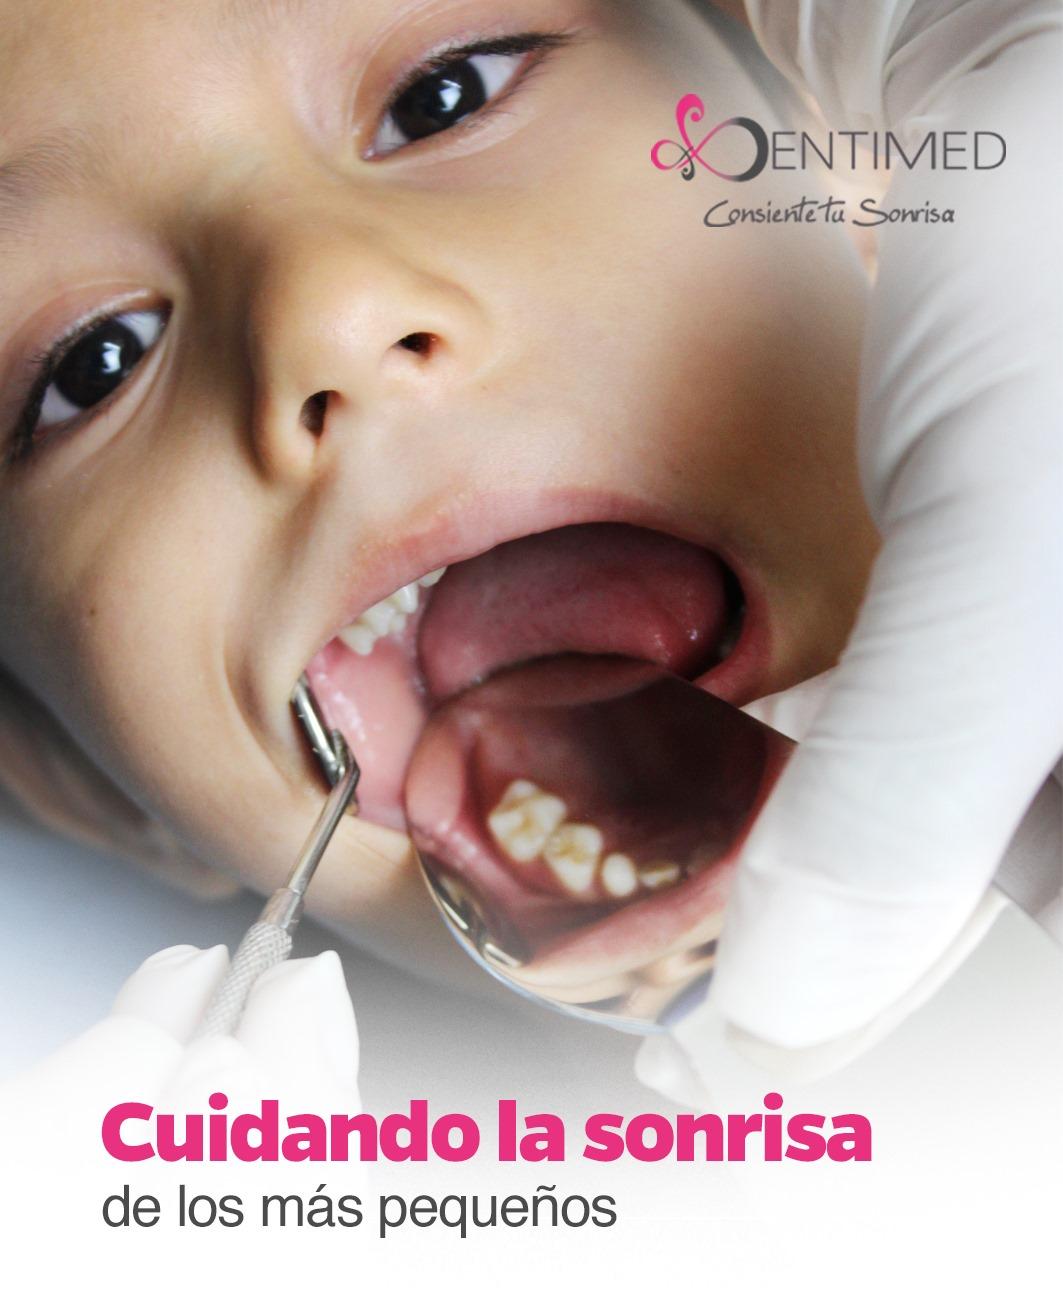 Odontopediatria-dentimed (2)